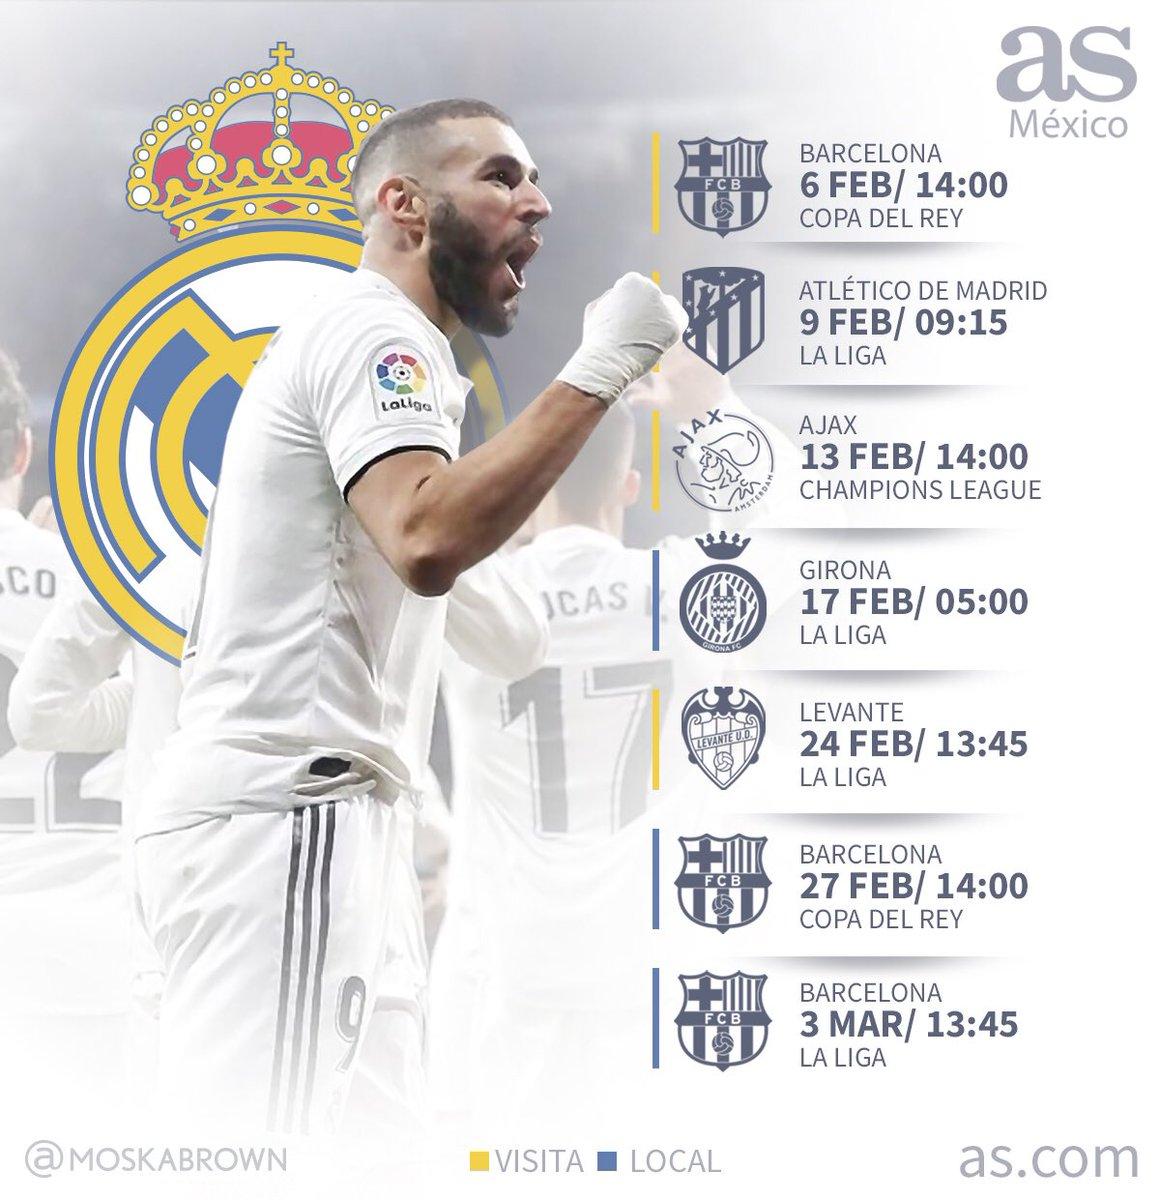 Calendario Real Madrid 2019.Moskabrown On Twitter Calendario Realmadrid Fcbarcelona Es